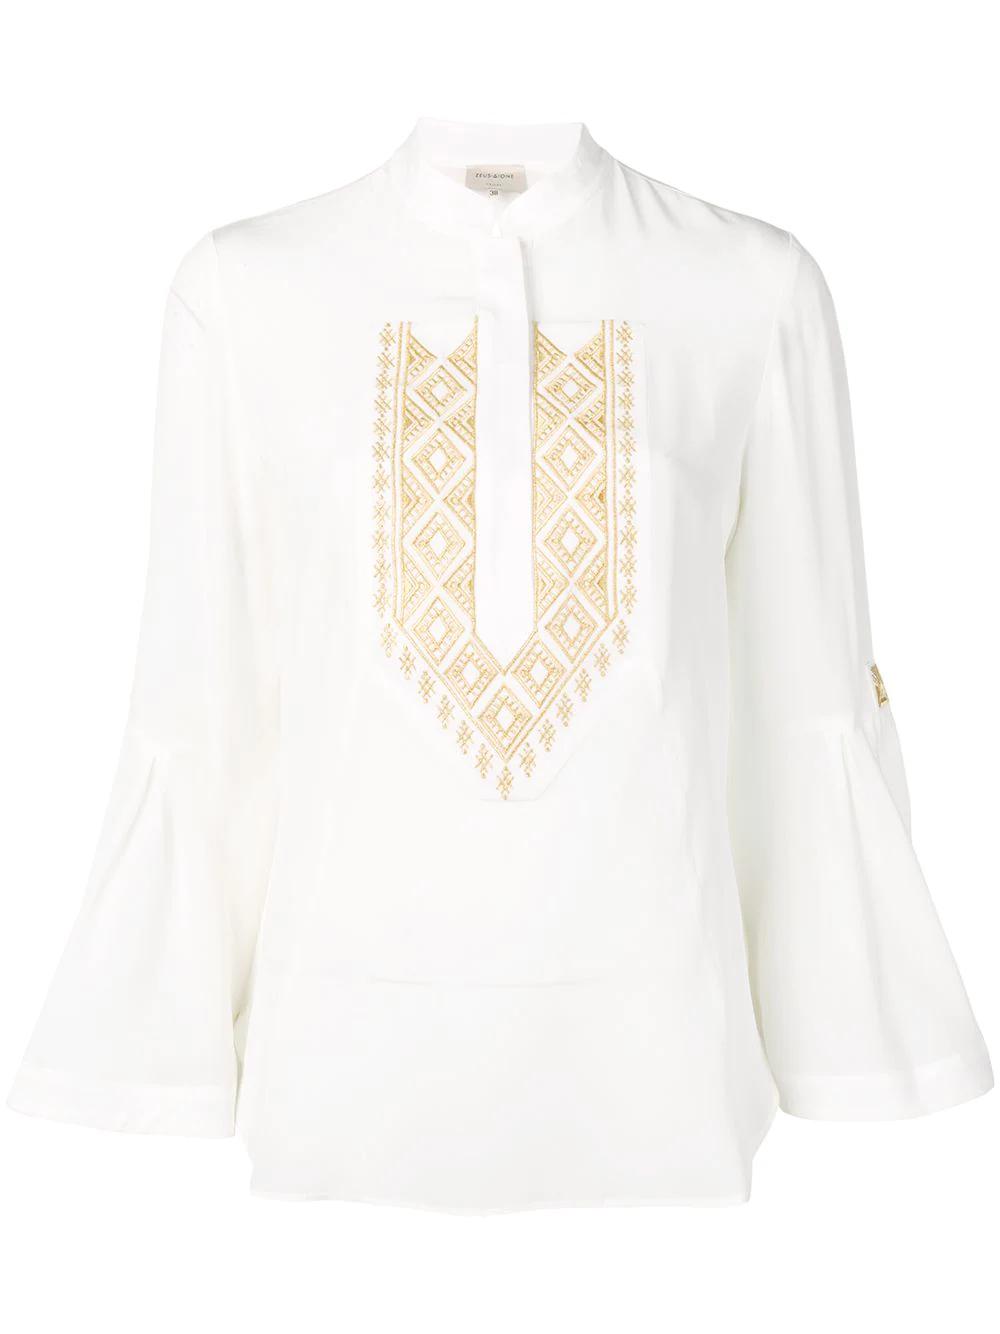 Zeus + Dione | блузка 'Delphi' с вышивкой | Clouty